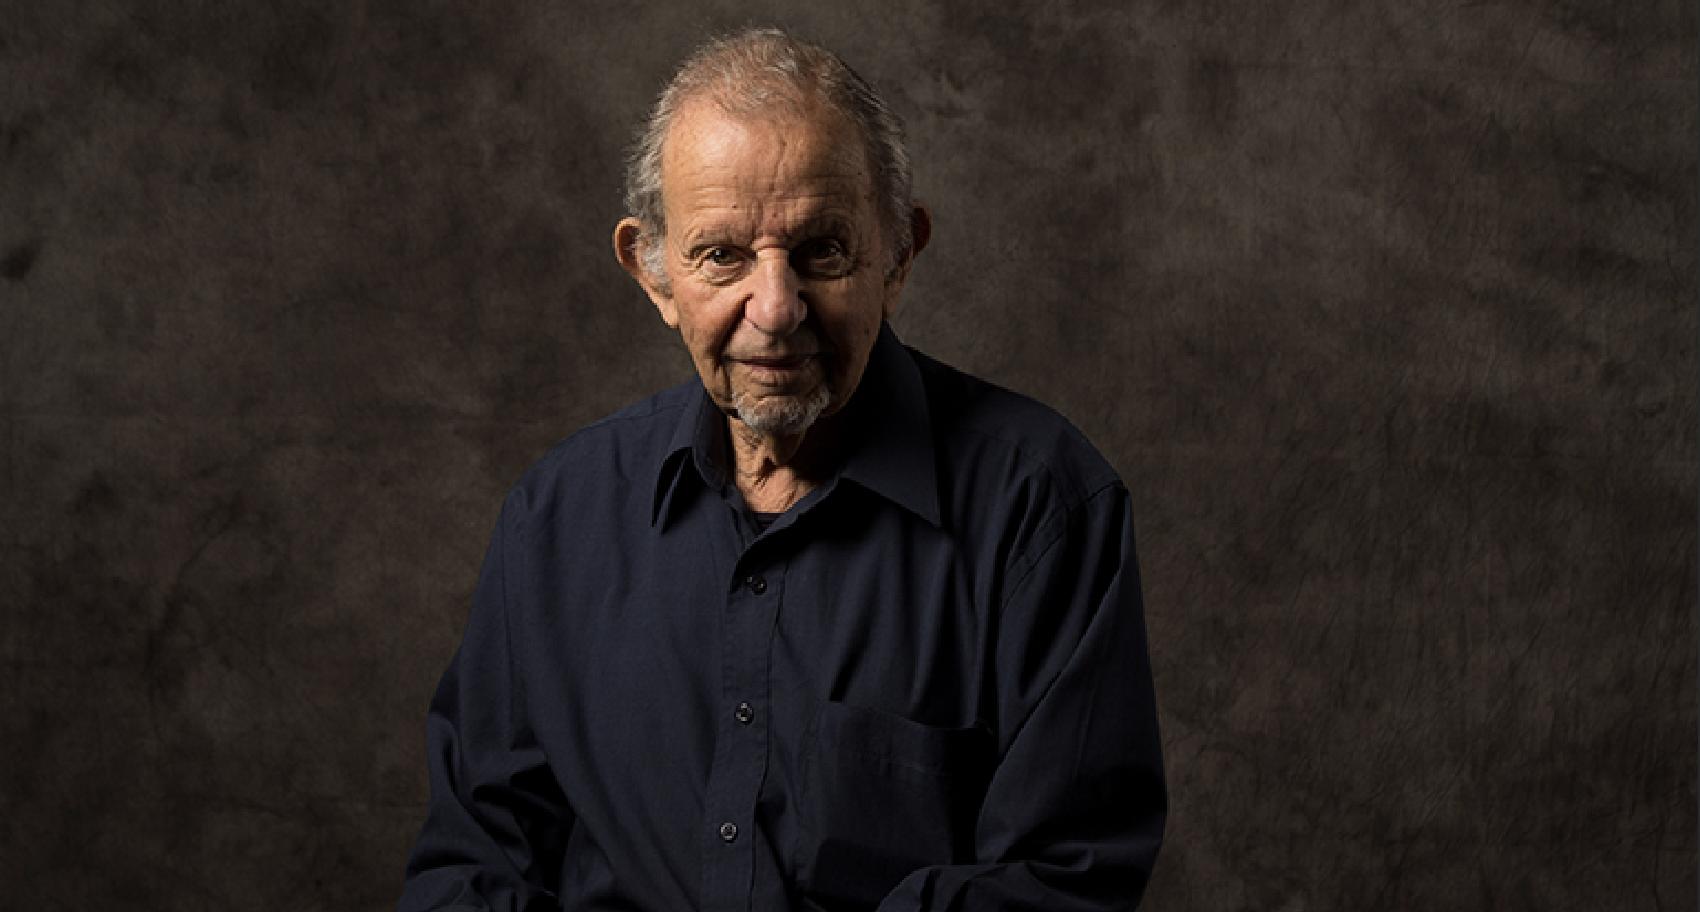 Photograph of Holocaust survivor John Gruschka